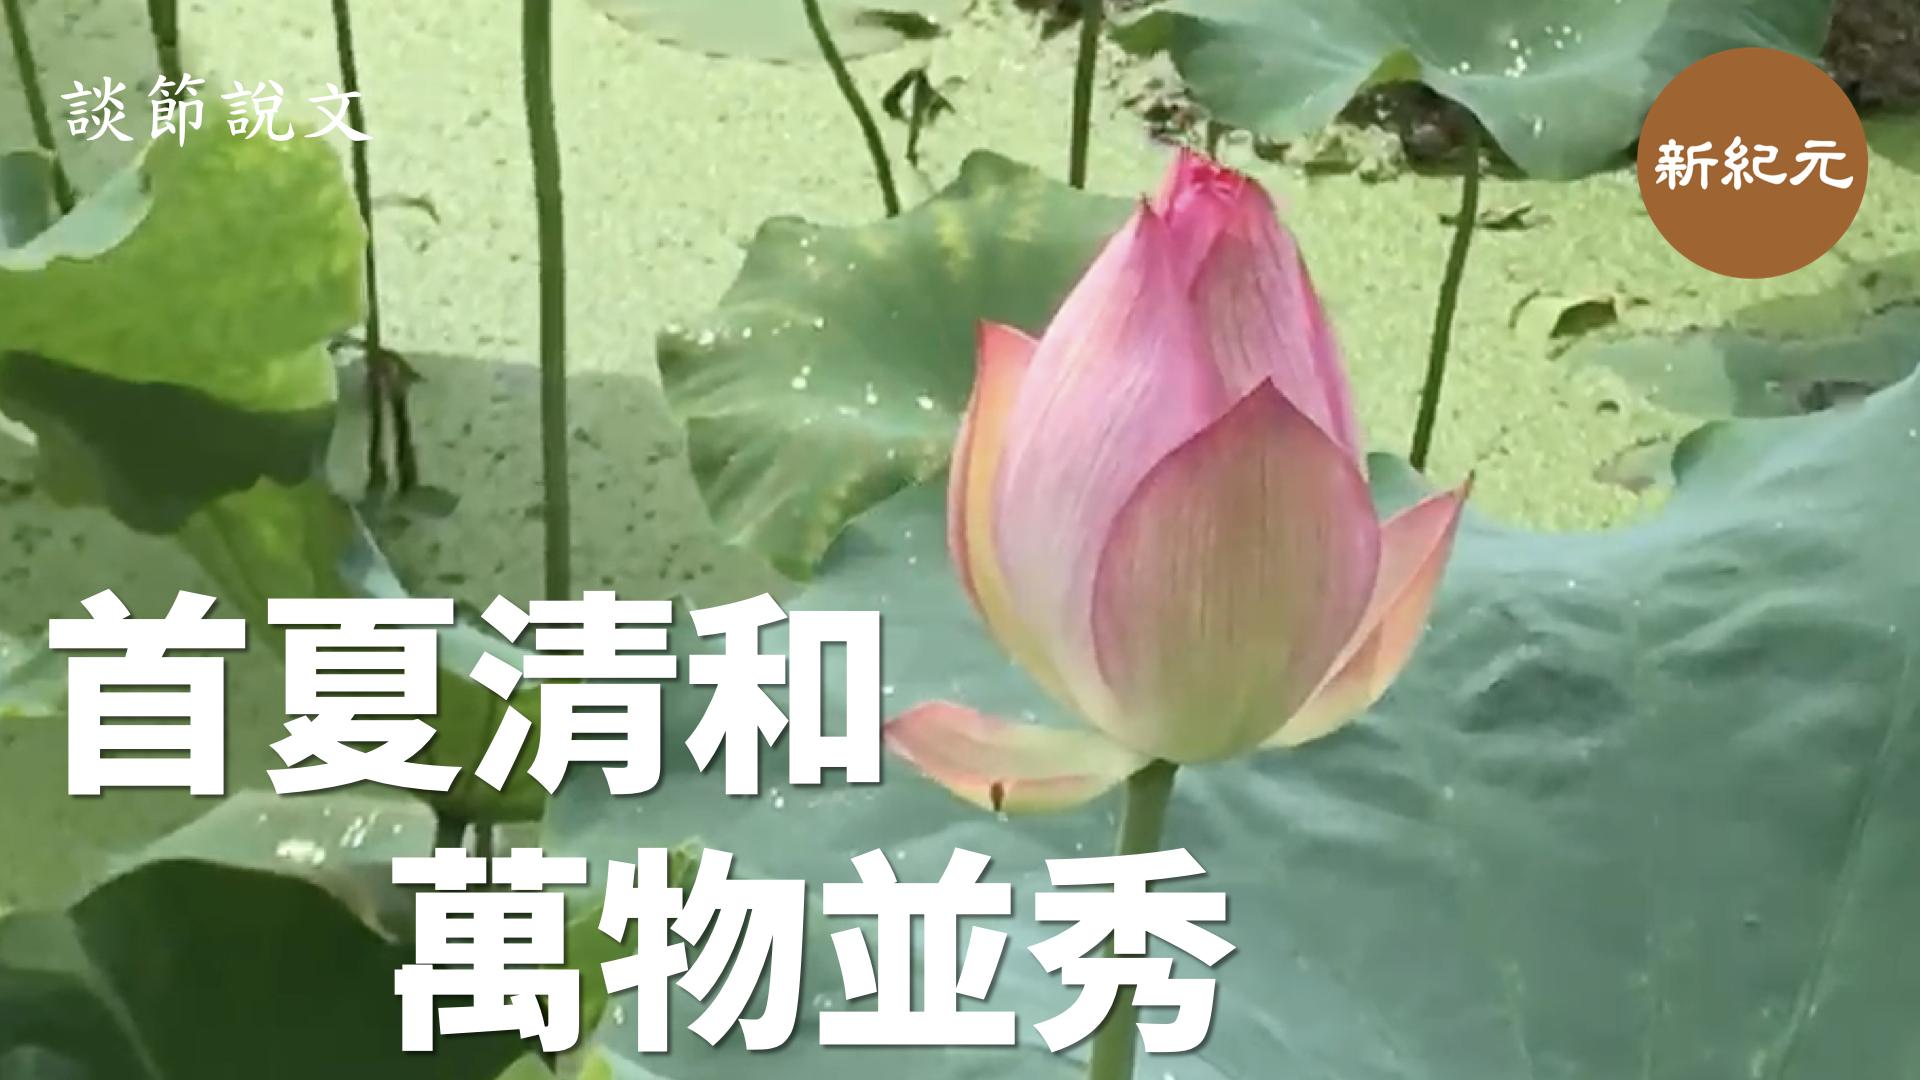 【談節說文】首夏清和 萬物並秀 (影像第十五集上)| #新紀元